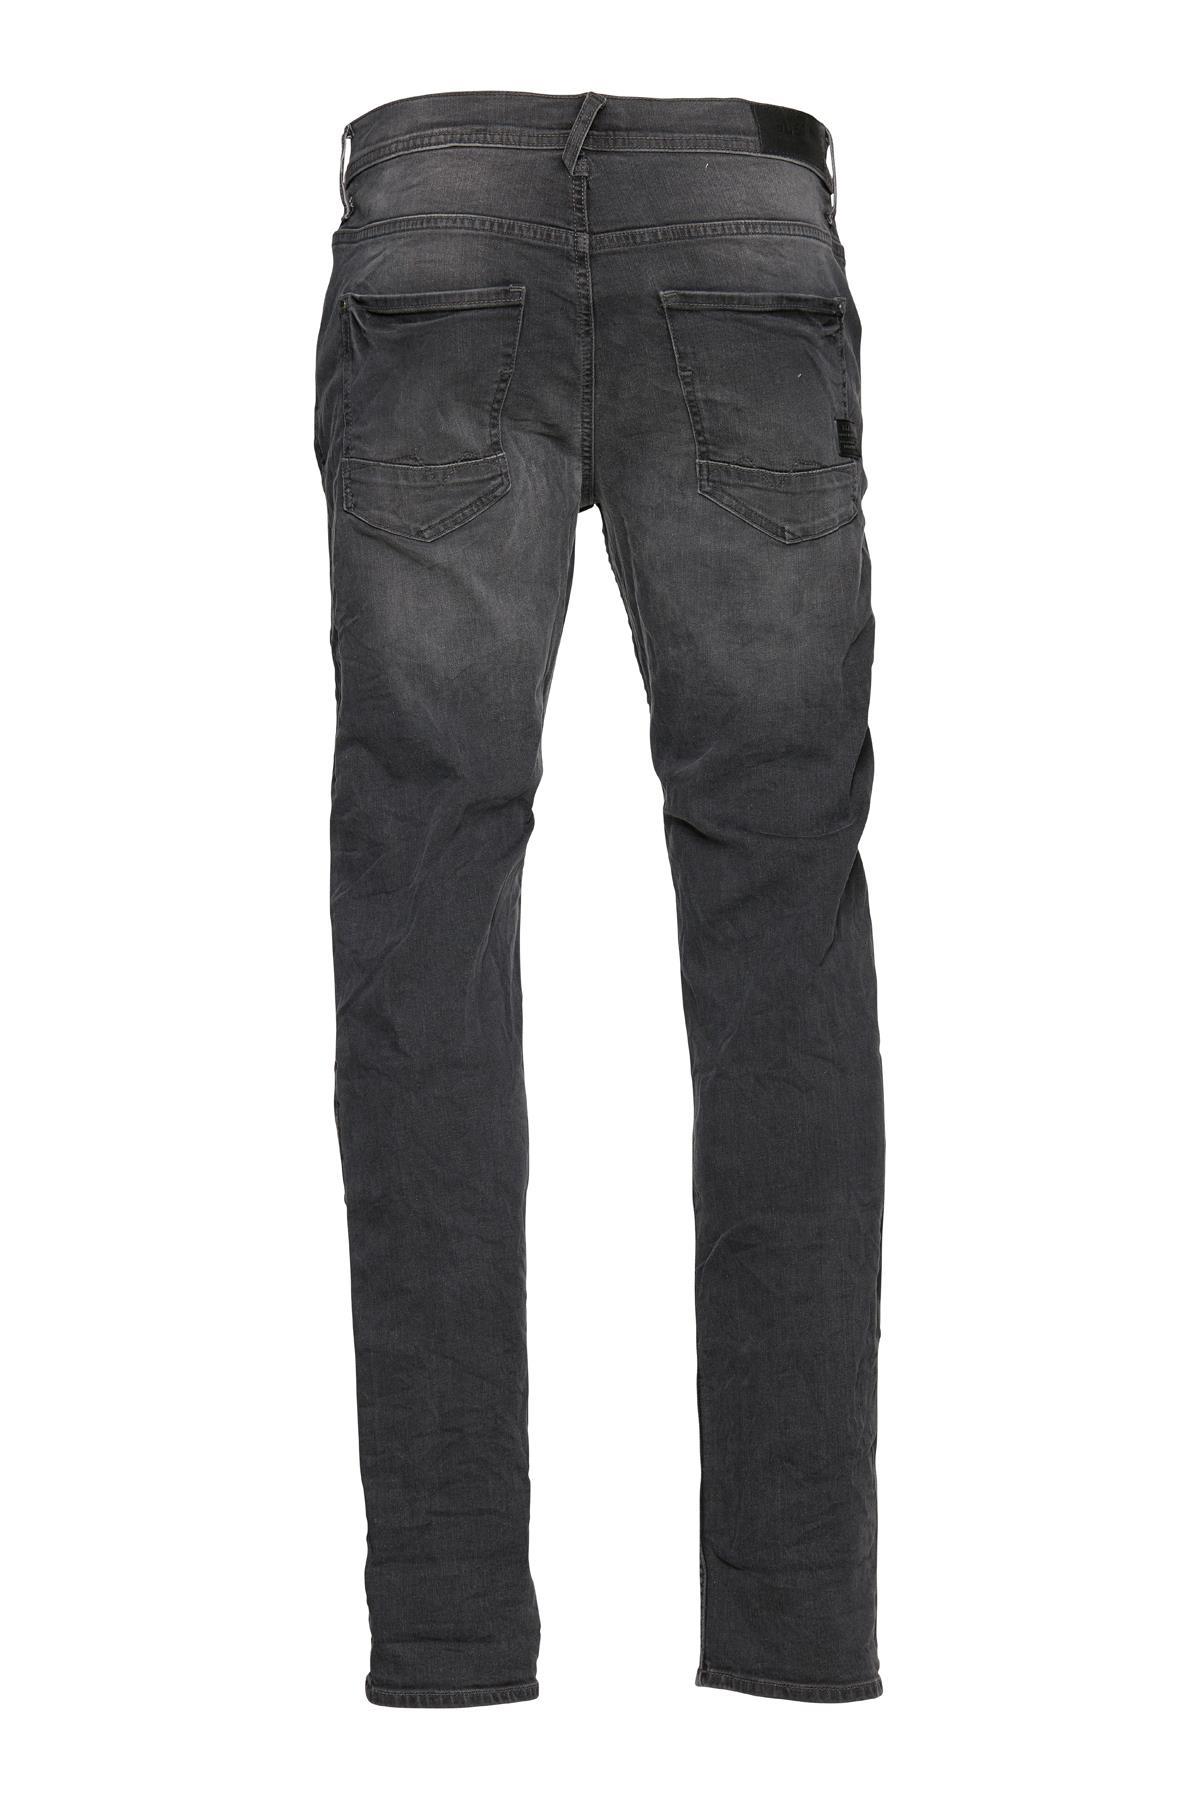 Denim grey Twister jeans fra Blend He – Køb Denim grey Twister jeans fra str. 29-40 her